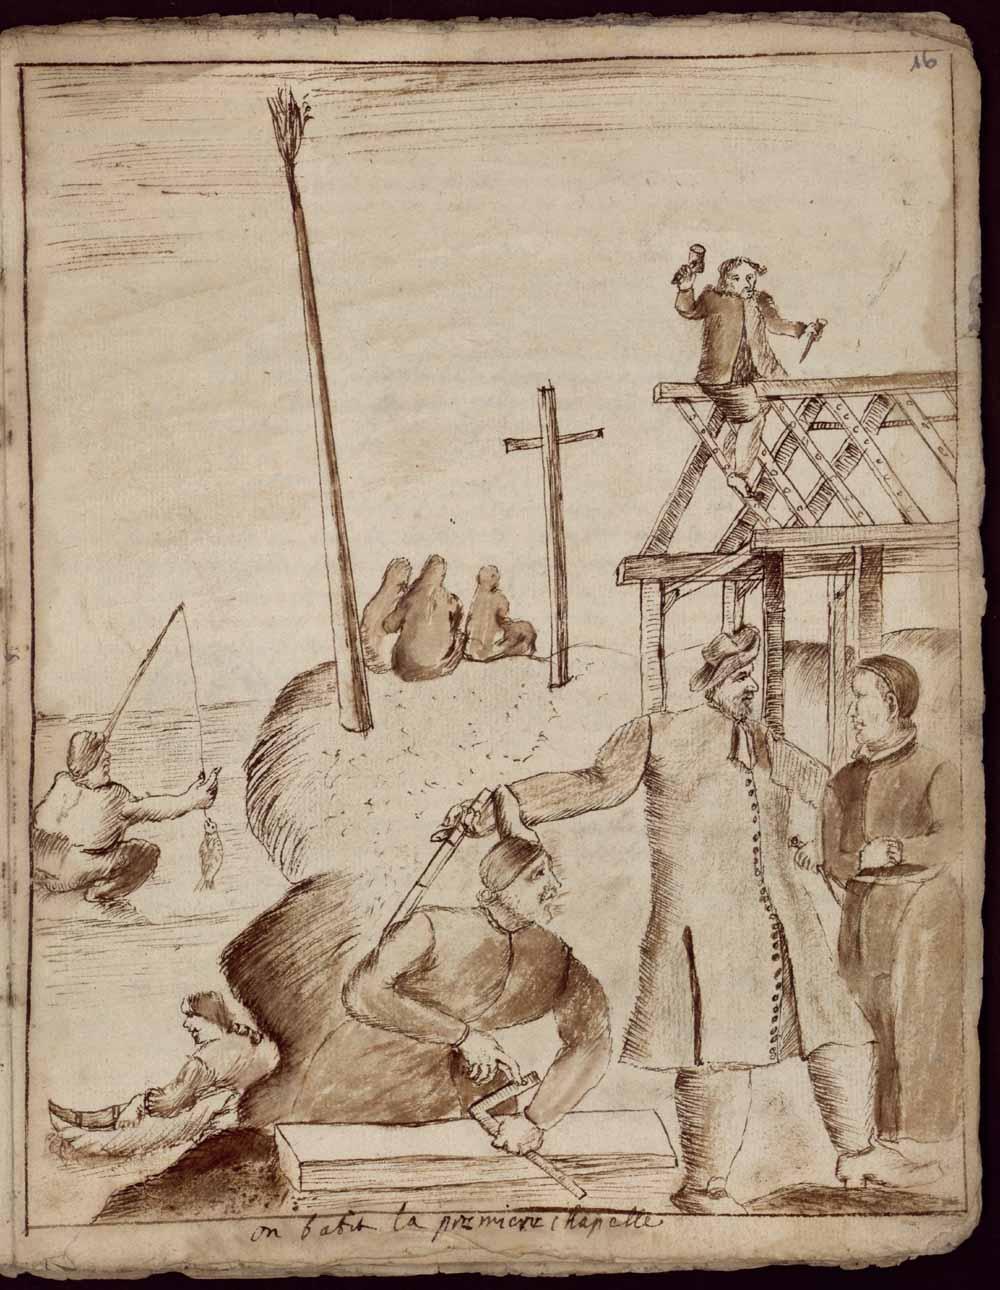 On bâtit la première chapelle, tiré de la Narration annuelle de la mission du Sault [Saint-Louis]..., père Claude Chauchetière, 1667-1686. FR AD33 Série H Jésuites fol. 16